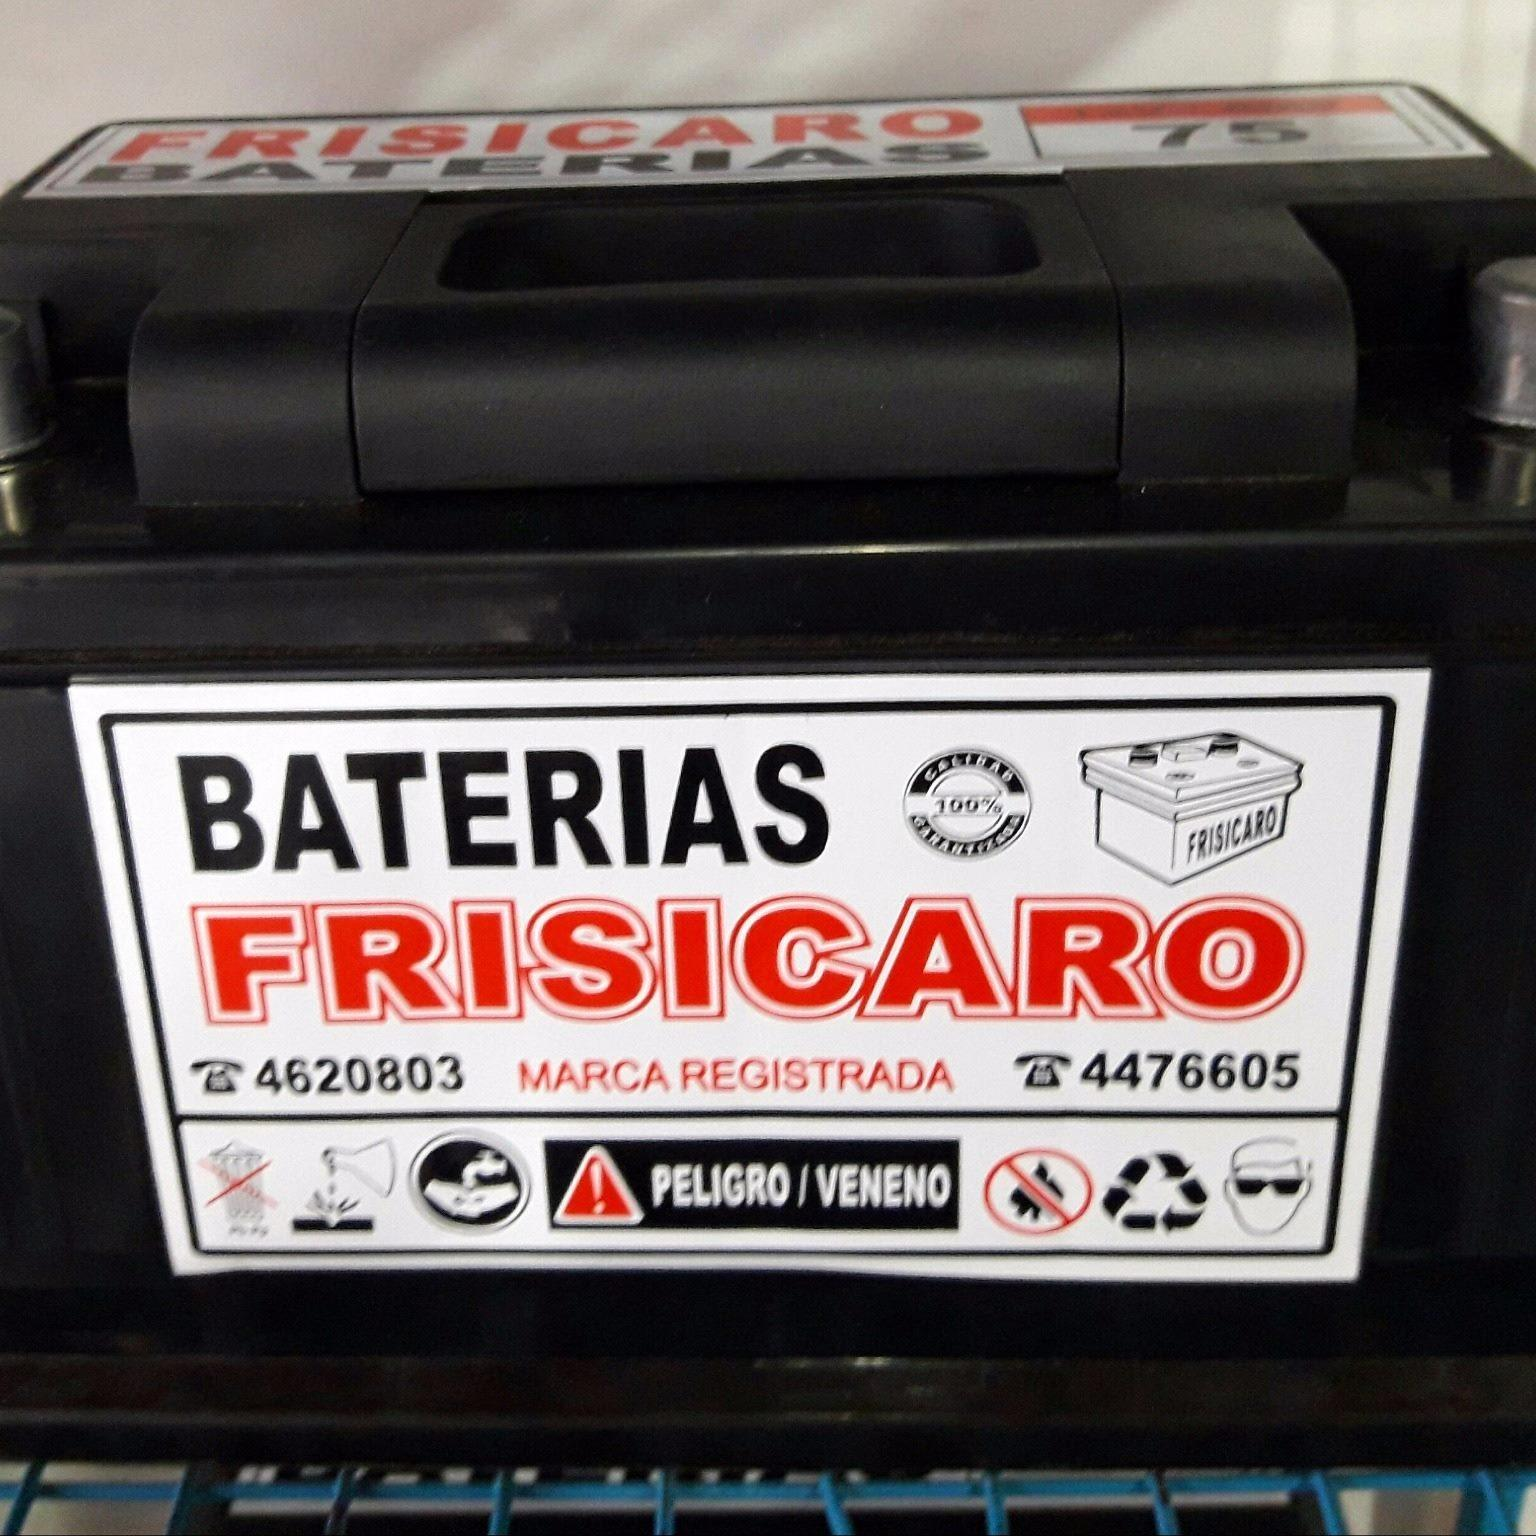 BATERIAS FRISICARO